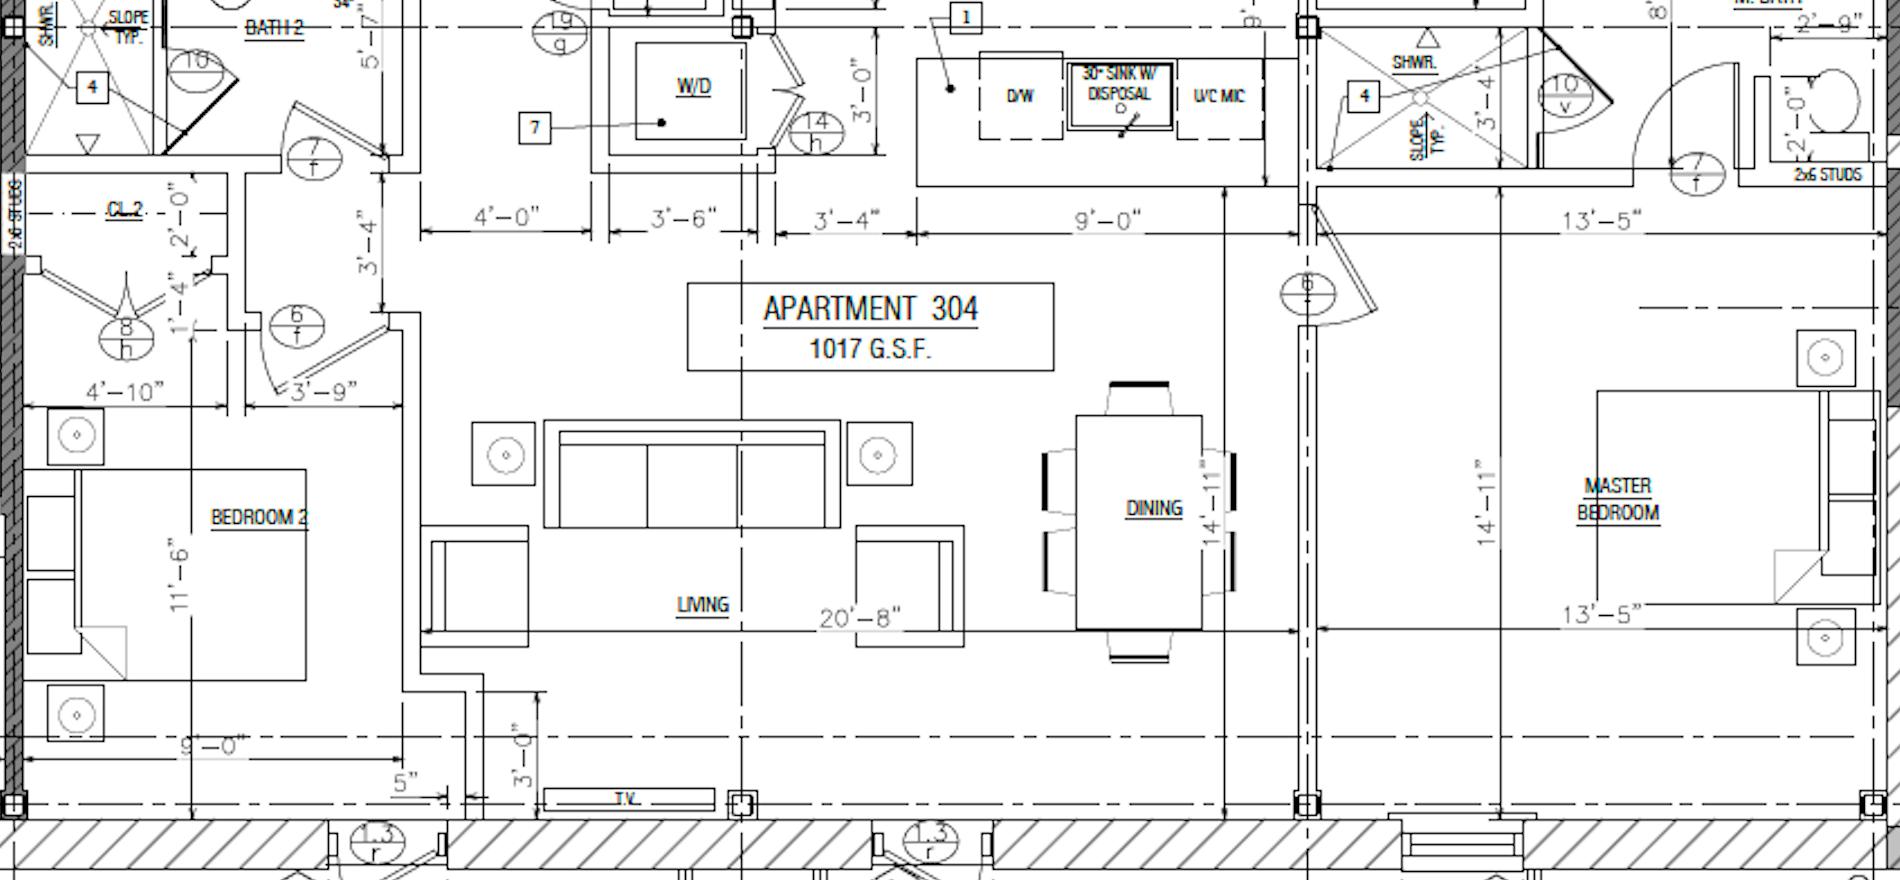 Apartment 304